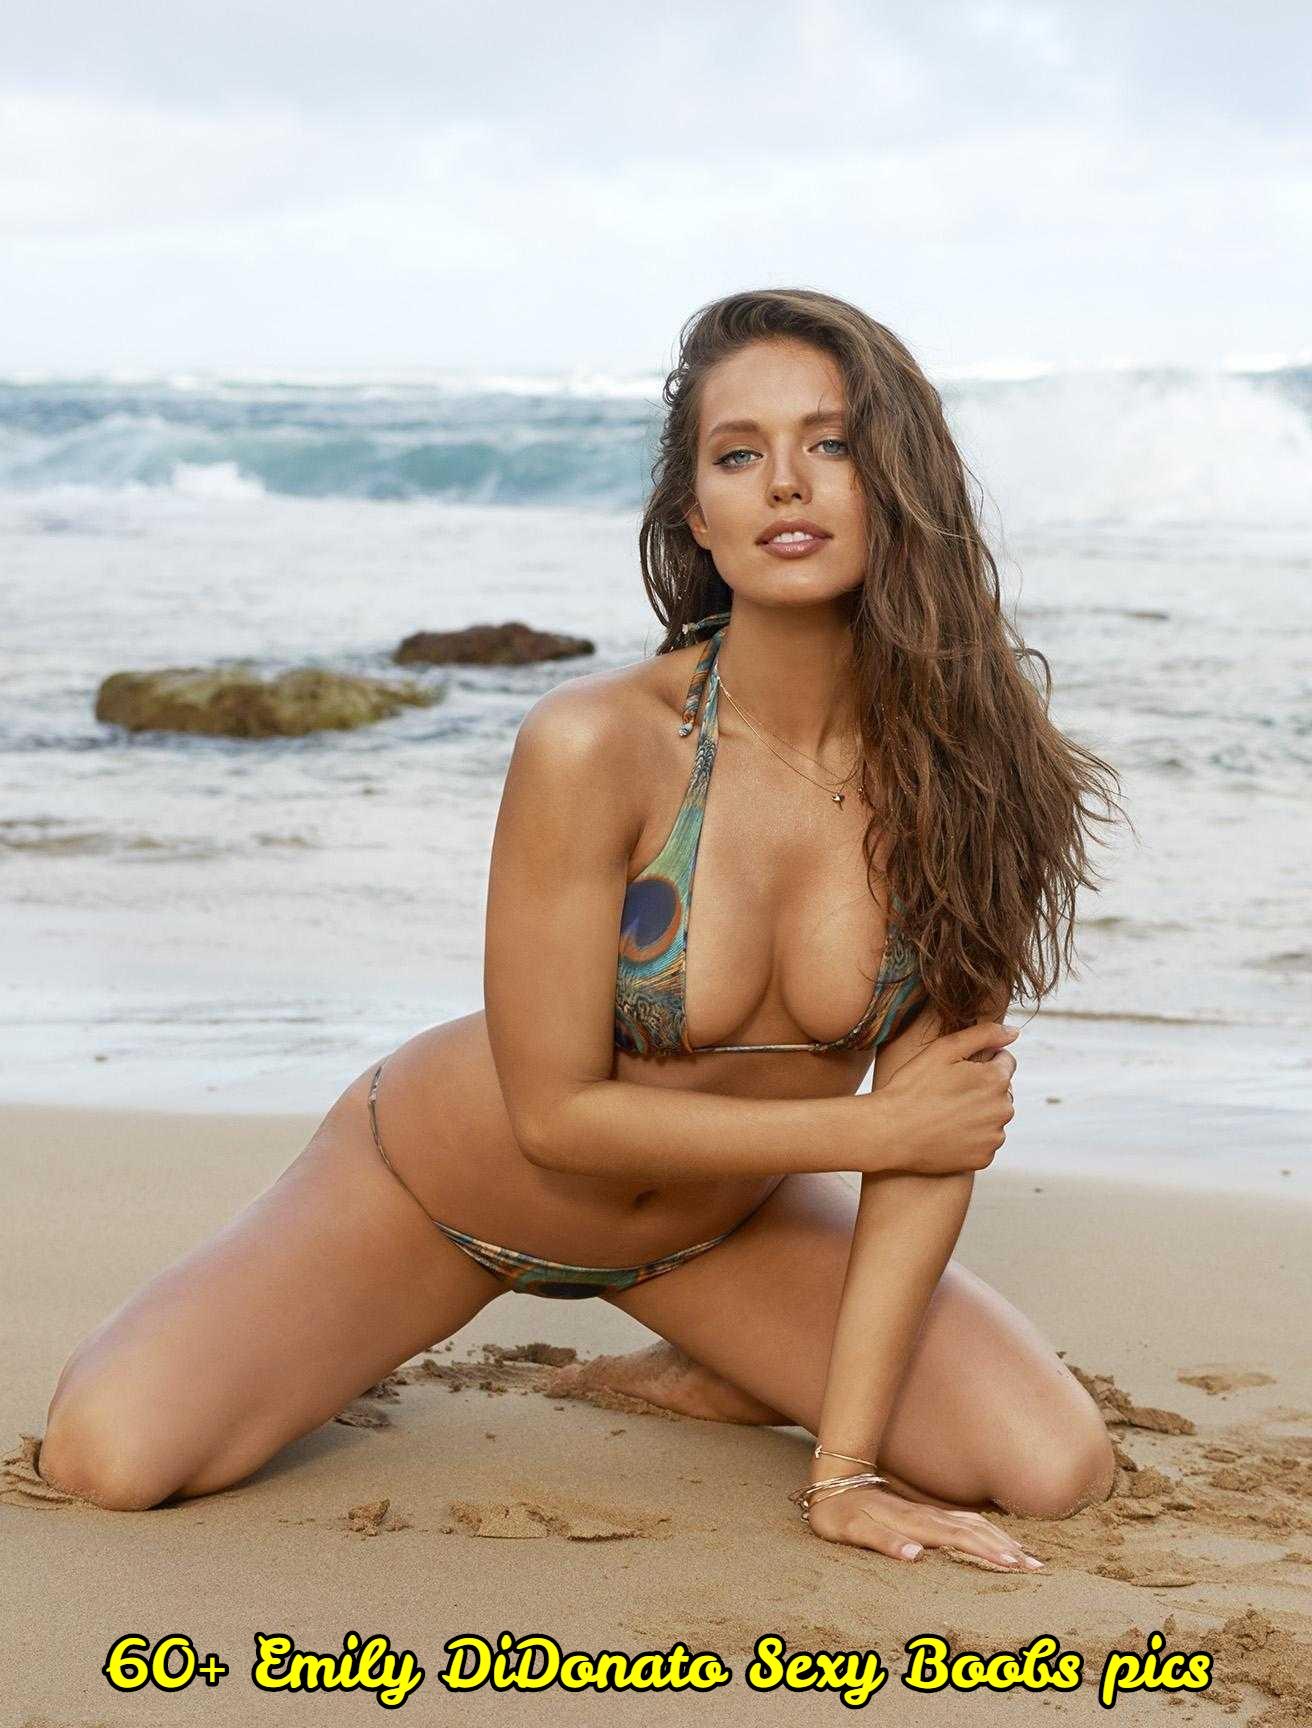 Emily DiDonato sexy pics